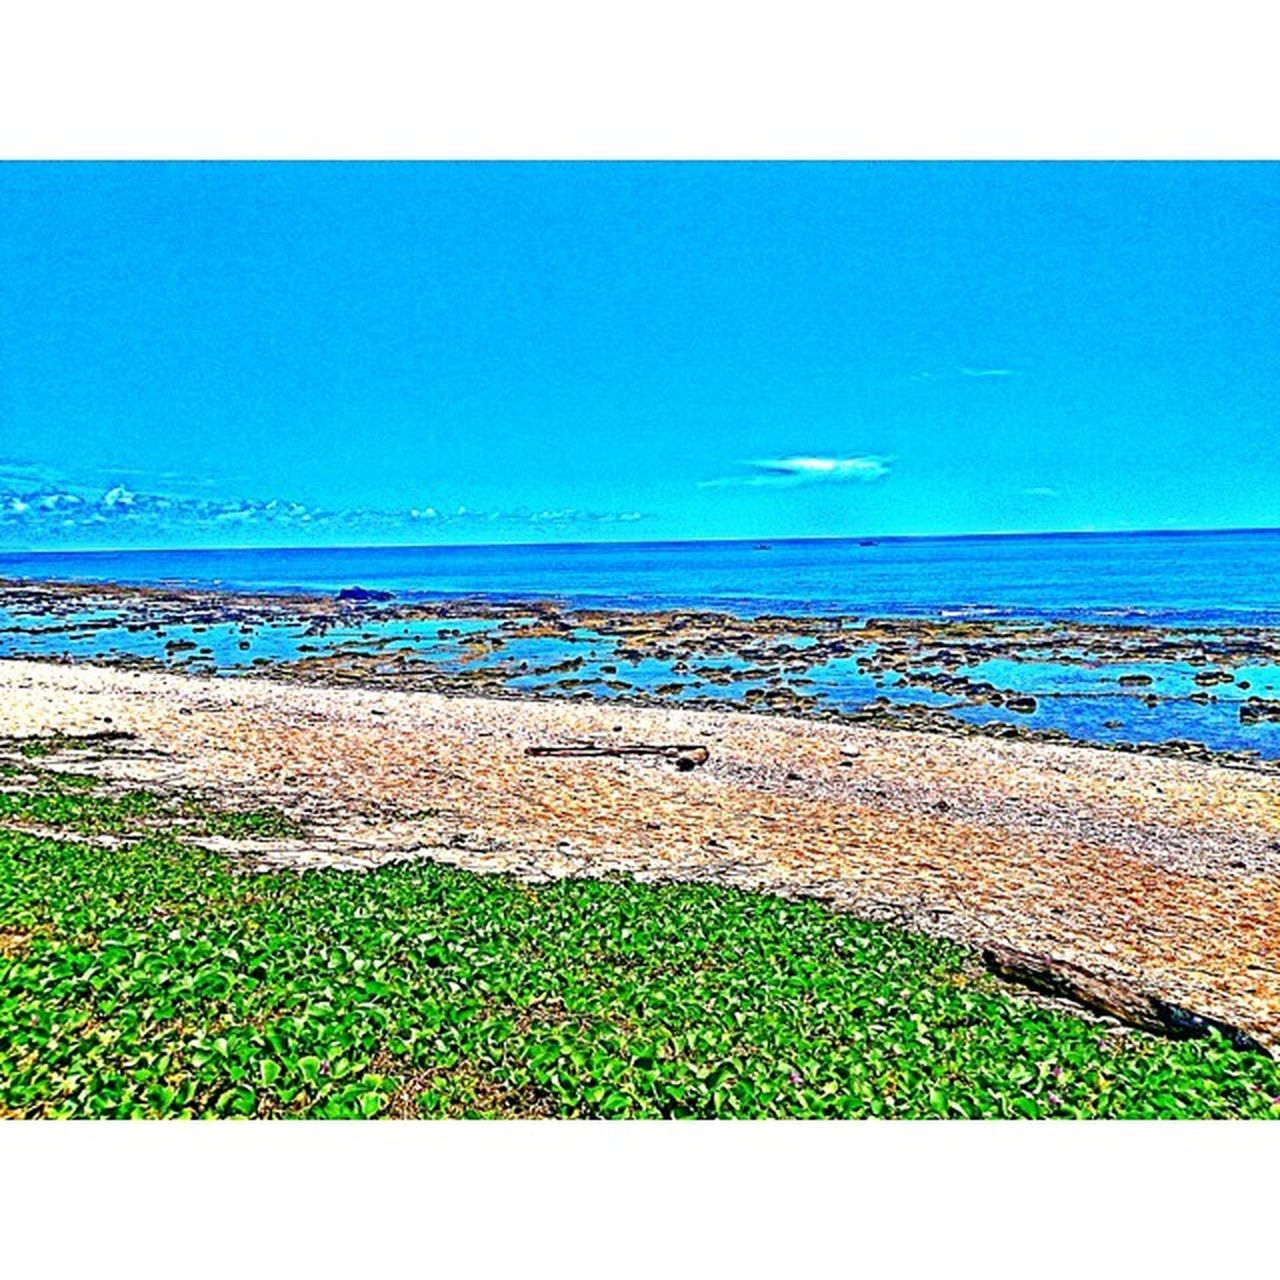 兩天一夜的綠島遊 說好不是很好說不好也沒有不好 希望下次能去多天一點 事先做多一點規劃 下次一定要浮潛哈哈哈 希望下次能跟同學們一起去 綠島 熱 盛夏 暑假 開學 大學生 期待 緊張 浮潛 約定 Summer Vacation Greenisland Excited Happy Beautiful Beach Ocean BBQ Yummy Sky Taitung Taiwan